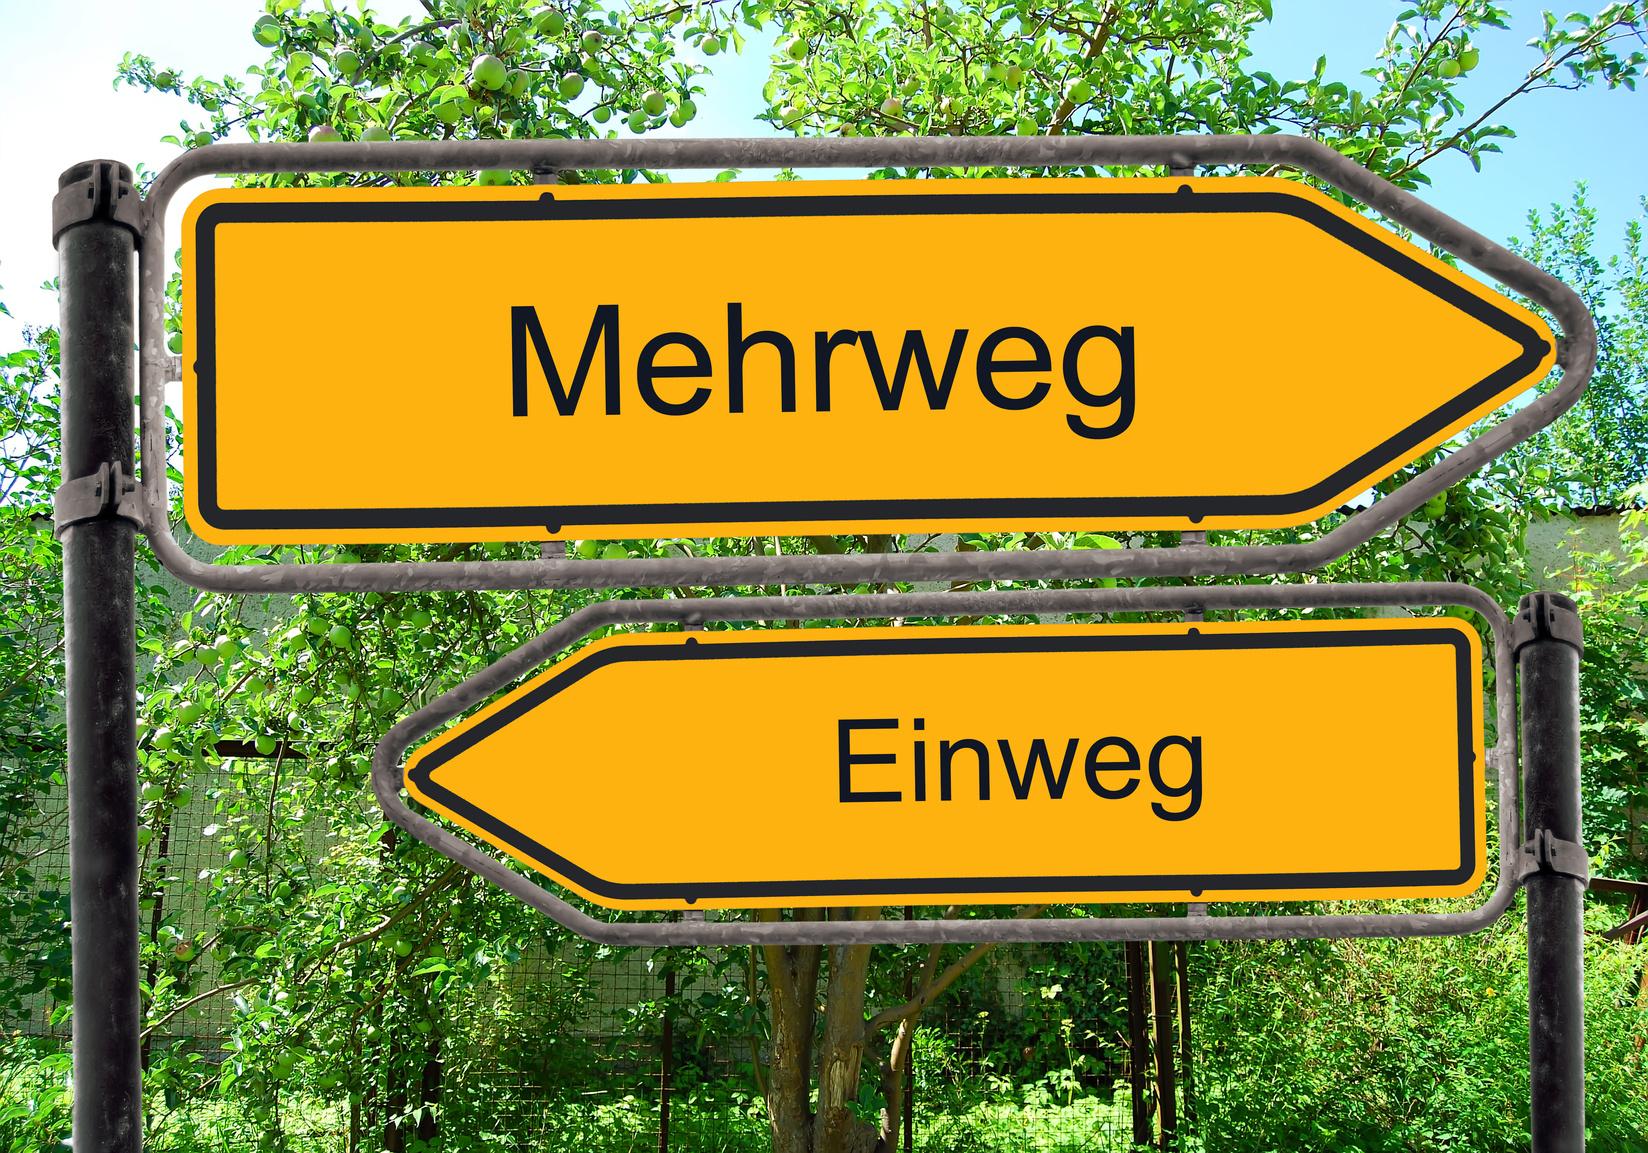 Bundeskabinett beschließt Mehrweg-Pflicht in der Gastronomie und Erweiterung des Einwegpfands